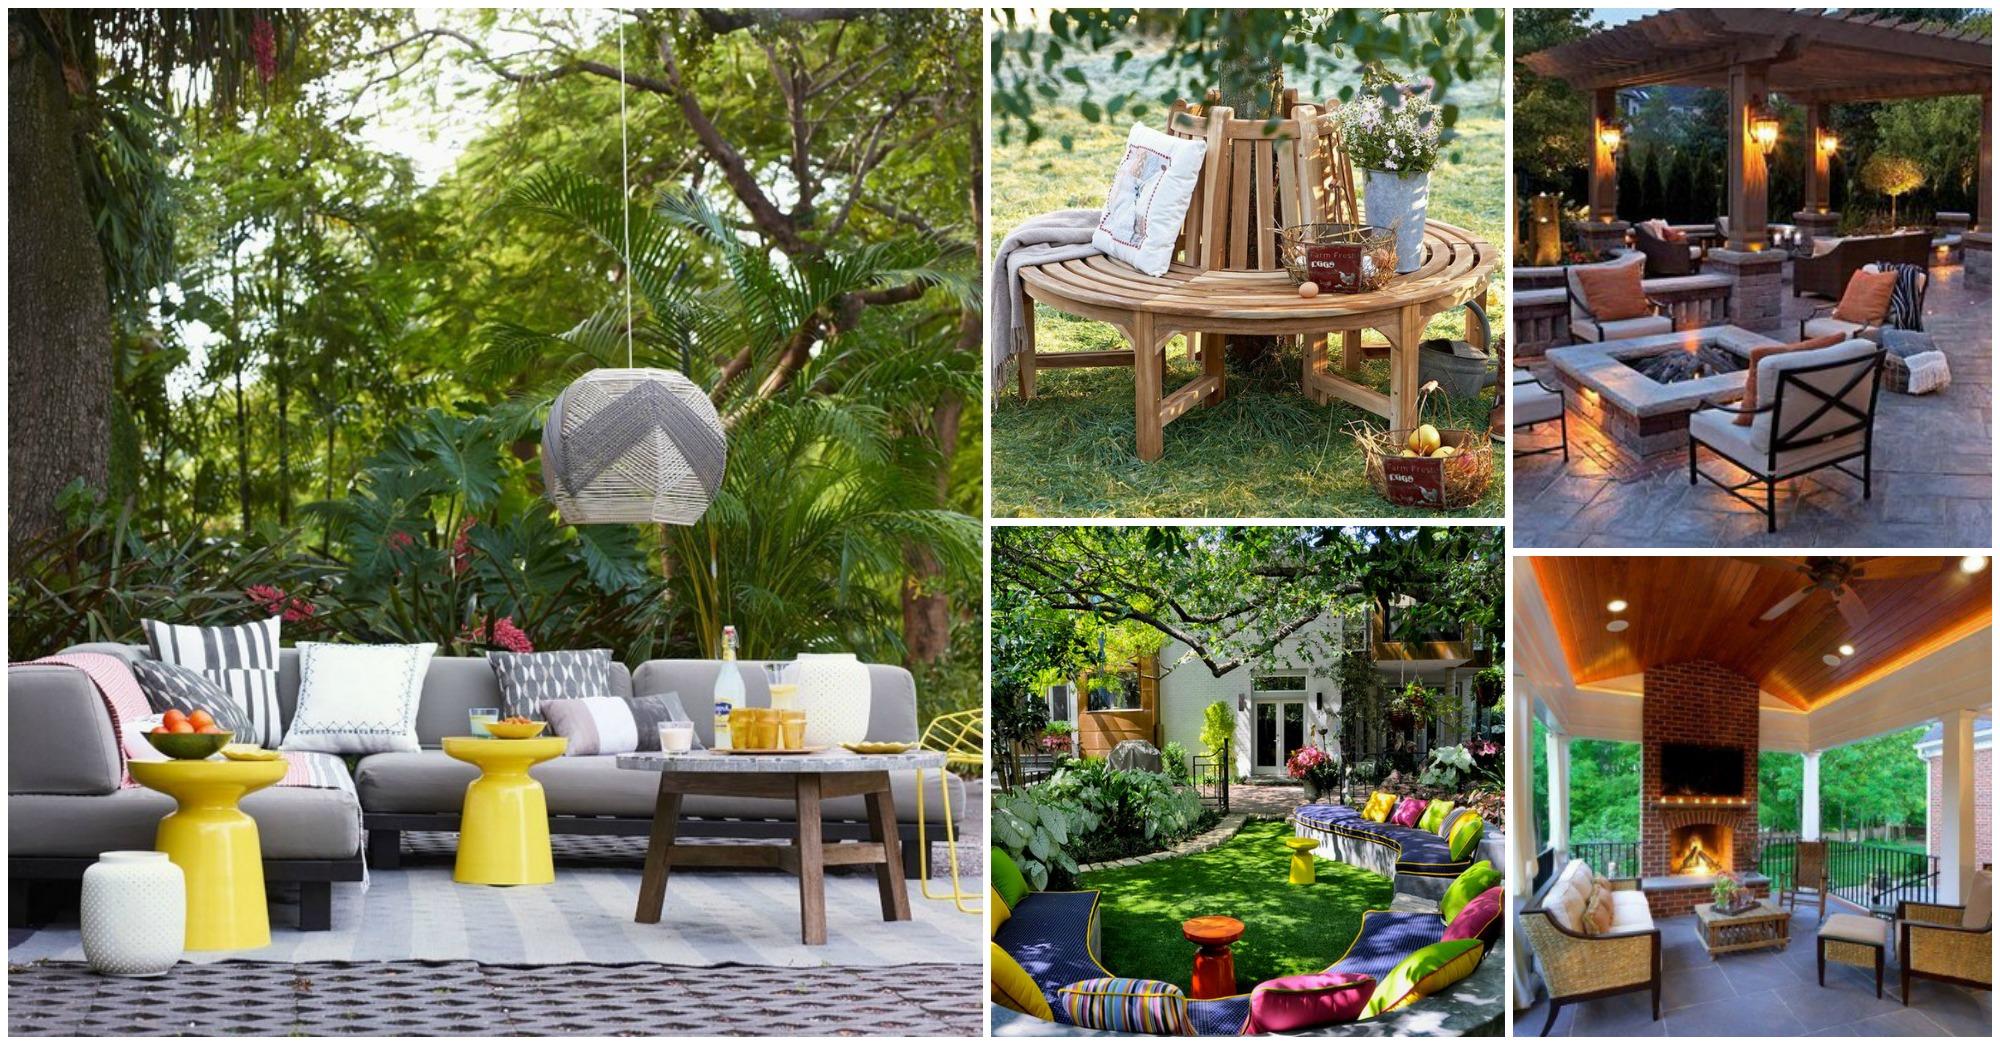 Stunning Inviting Backyard Decor Ideas Backyard Party Decor Ideas Backyard Decor Ideas Images outdoor Backyard Decor Ideas